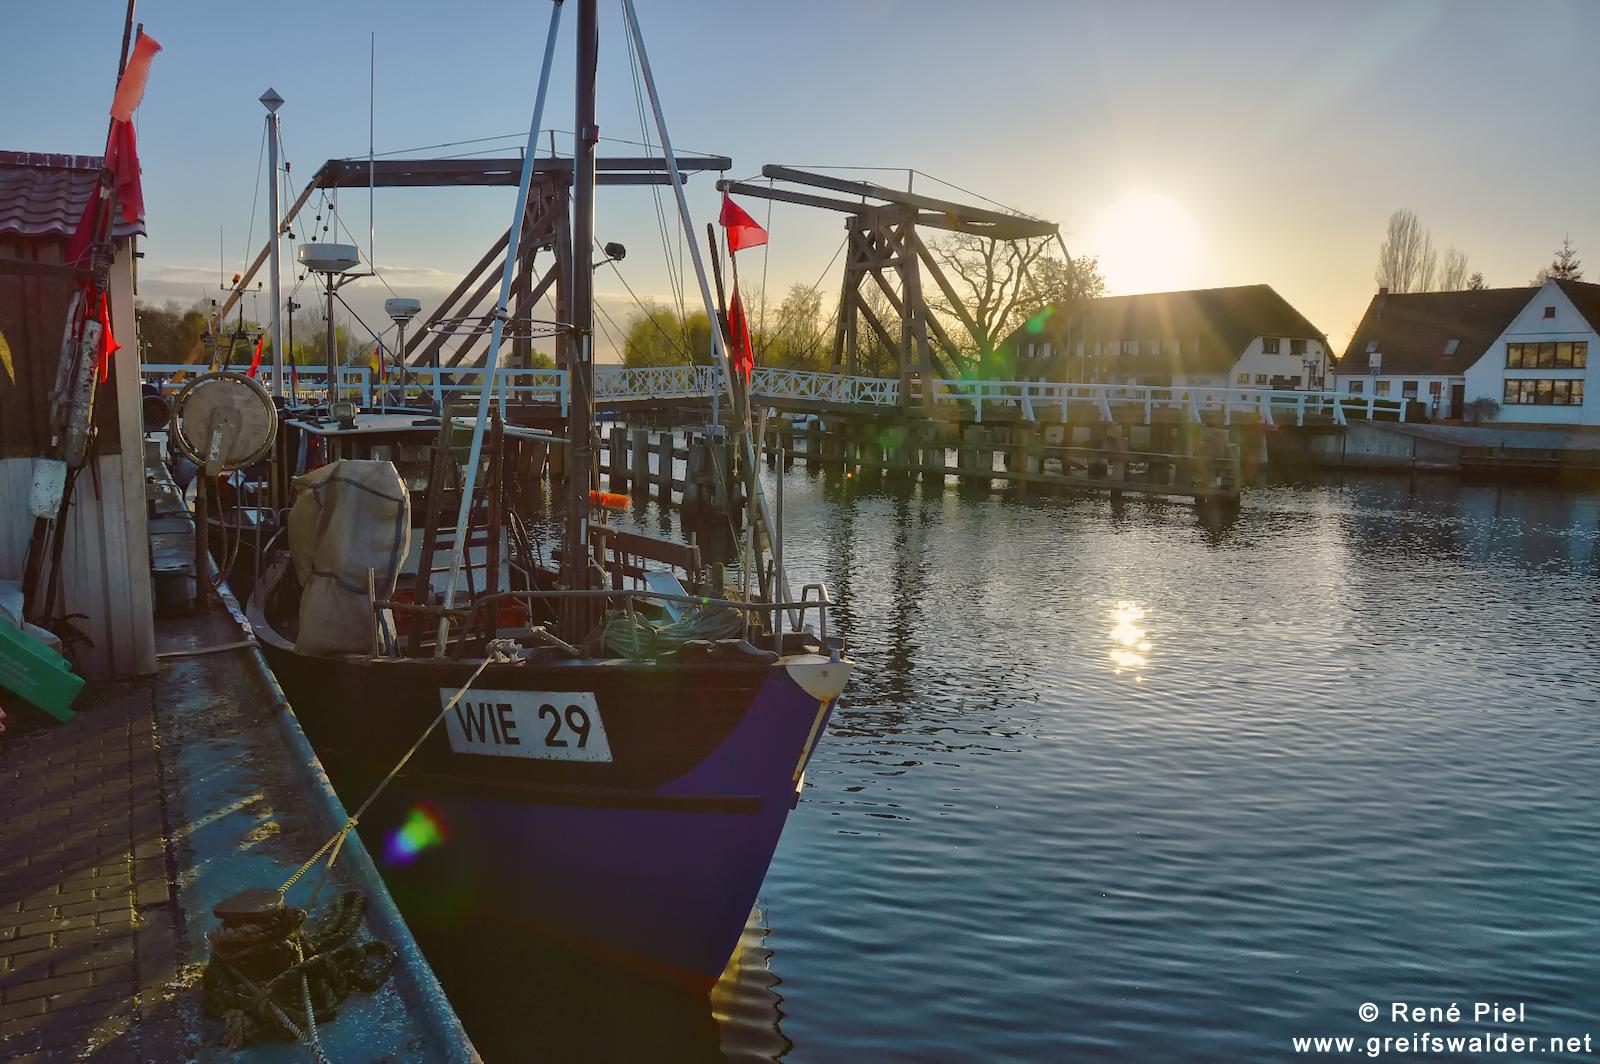 Abendstimmung am Hafen in Greifswald-Wieck